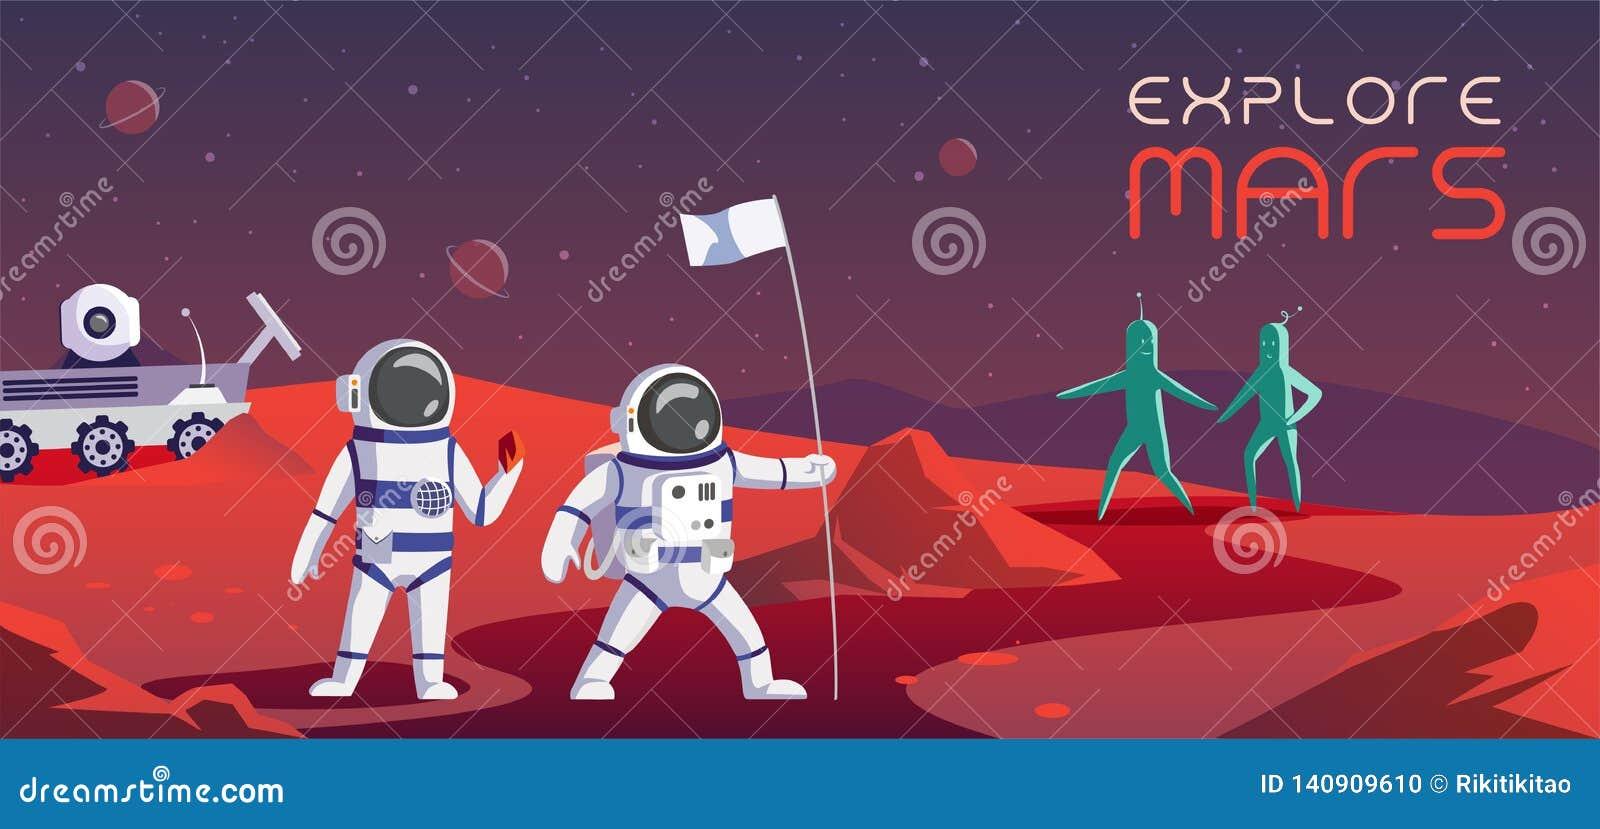 Bunte Illustration der Astronauten, die Mars erforschen